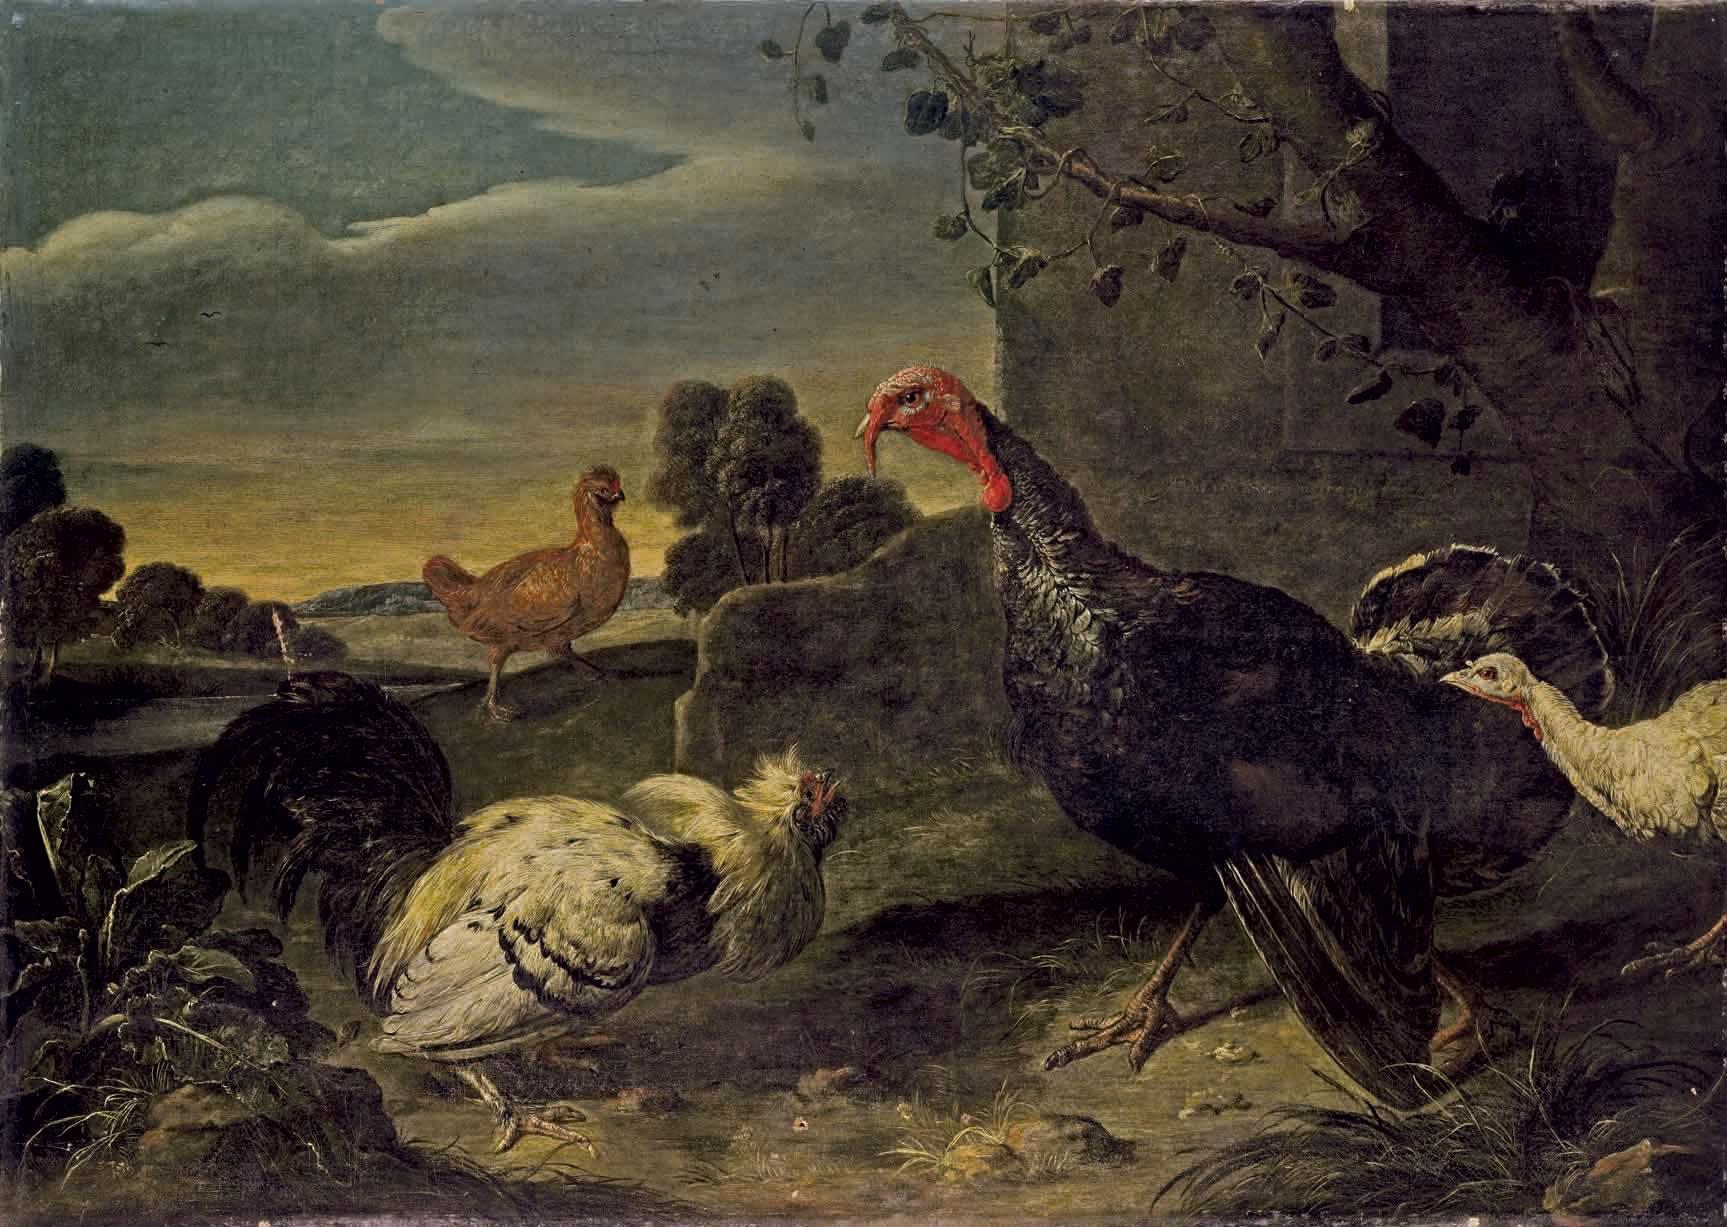 Dindons et poules